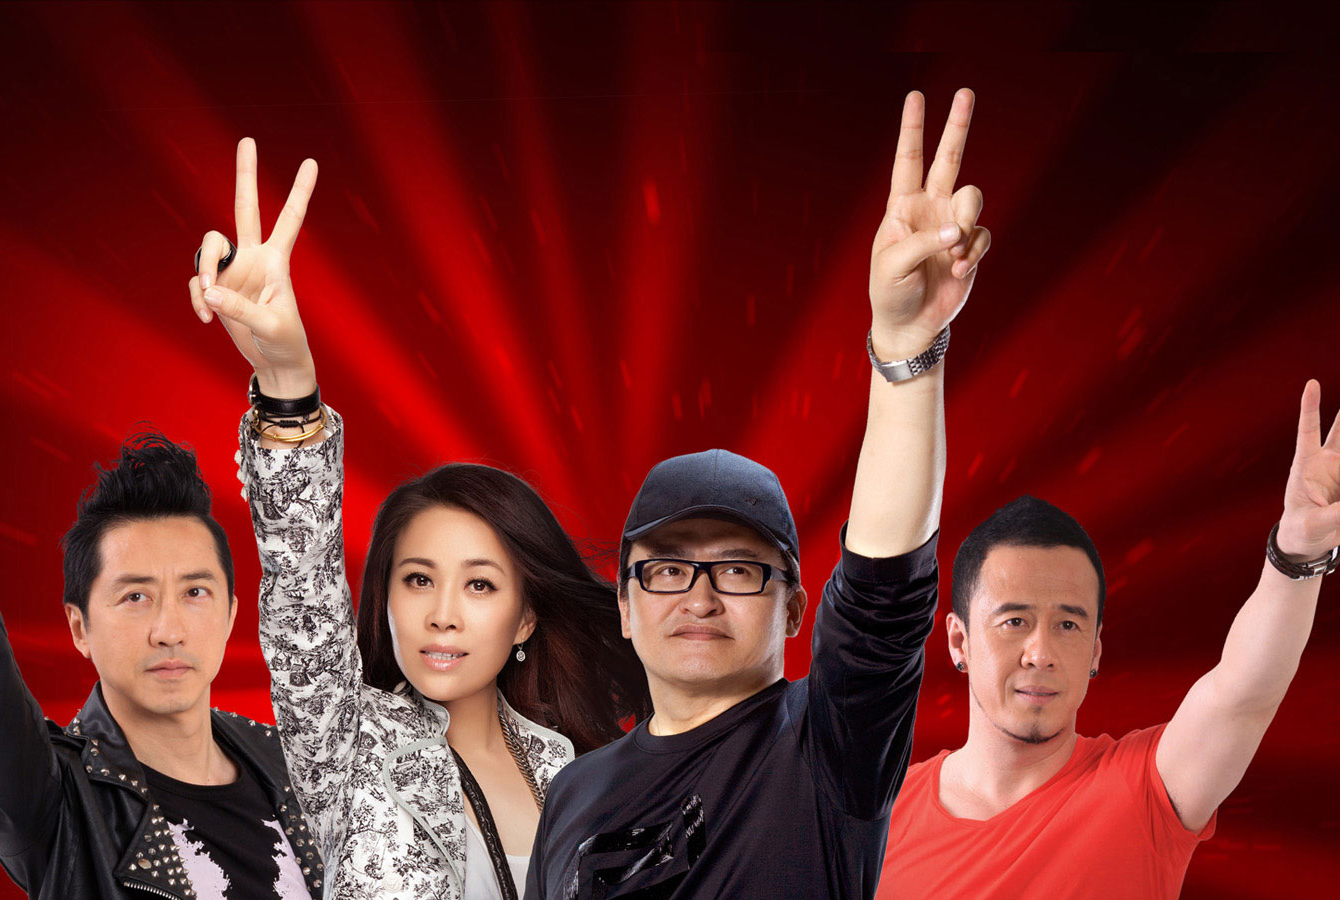 《中国好声音》:在中国原创音乐的冰点时刻,点起了一把火